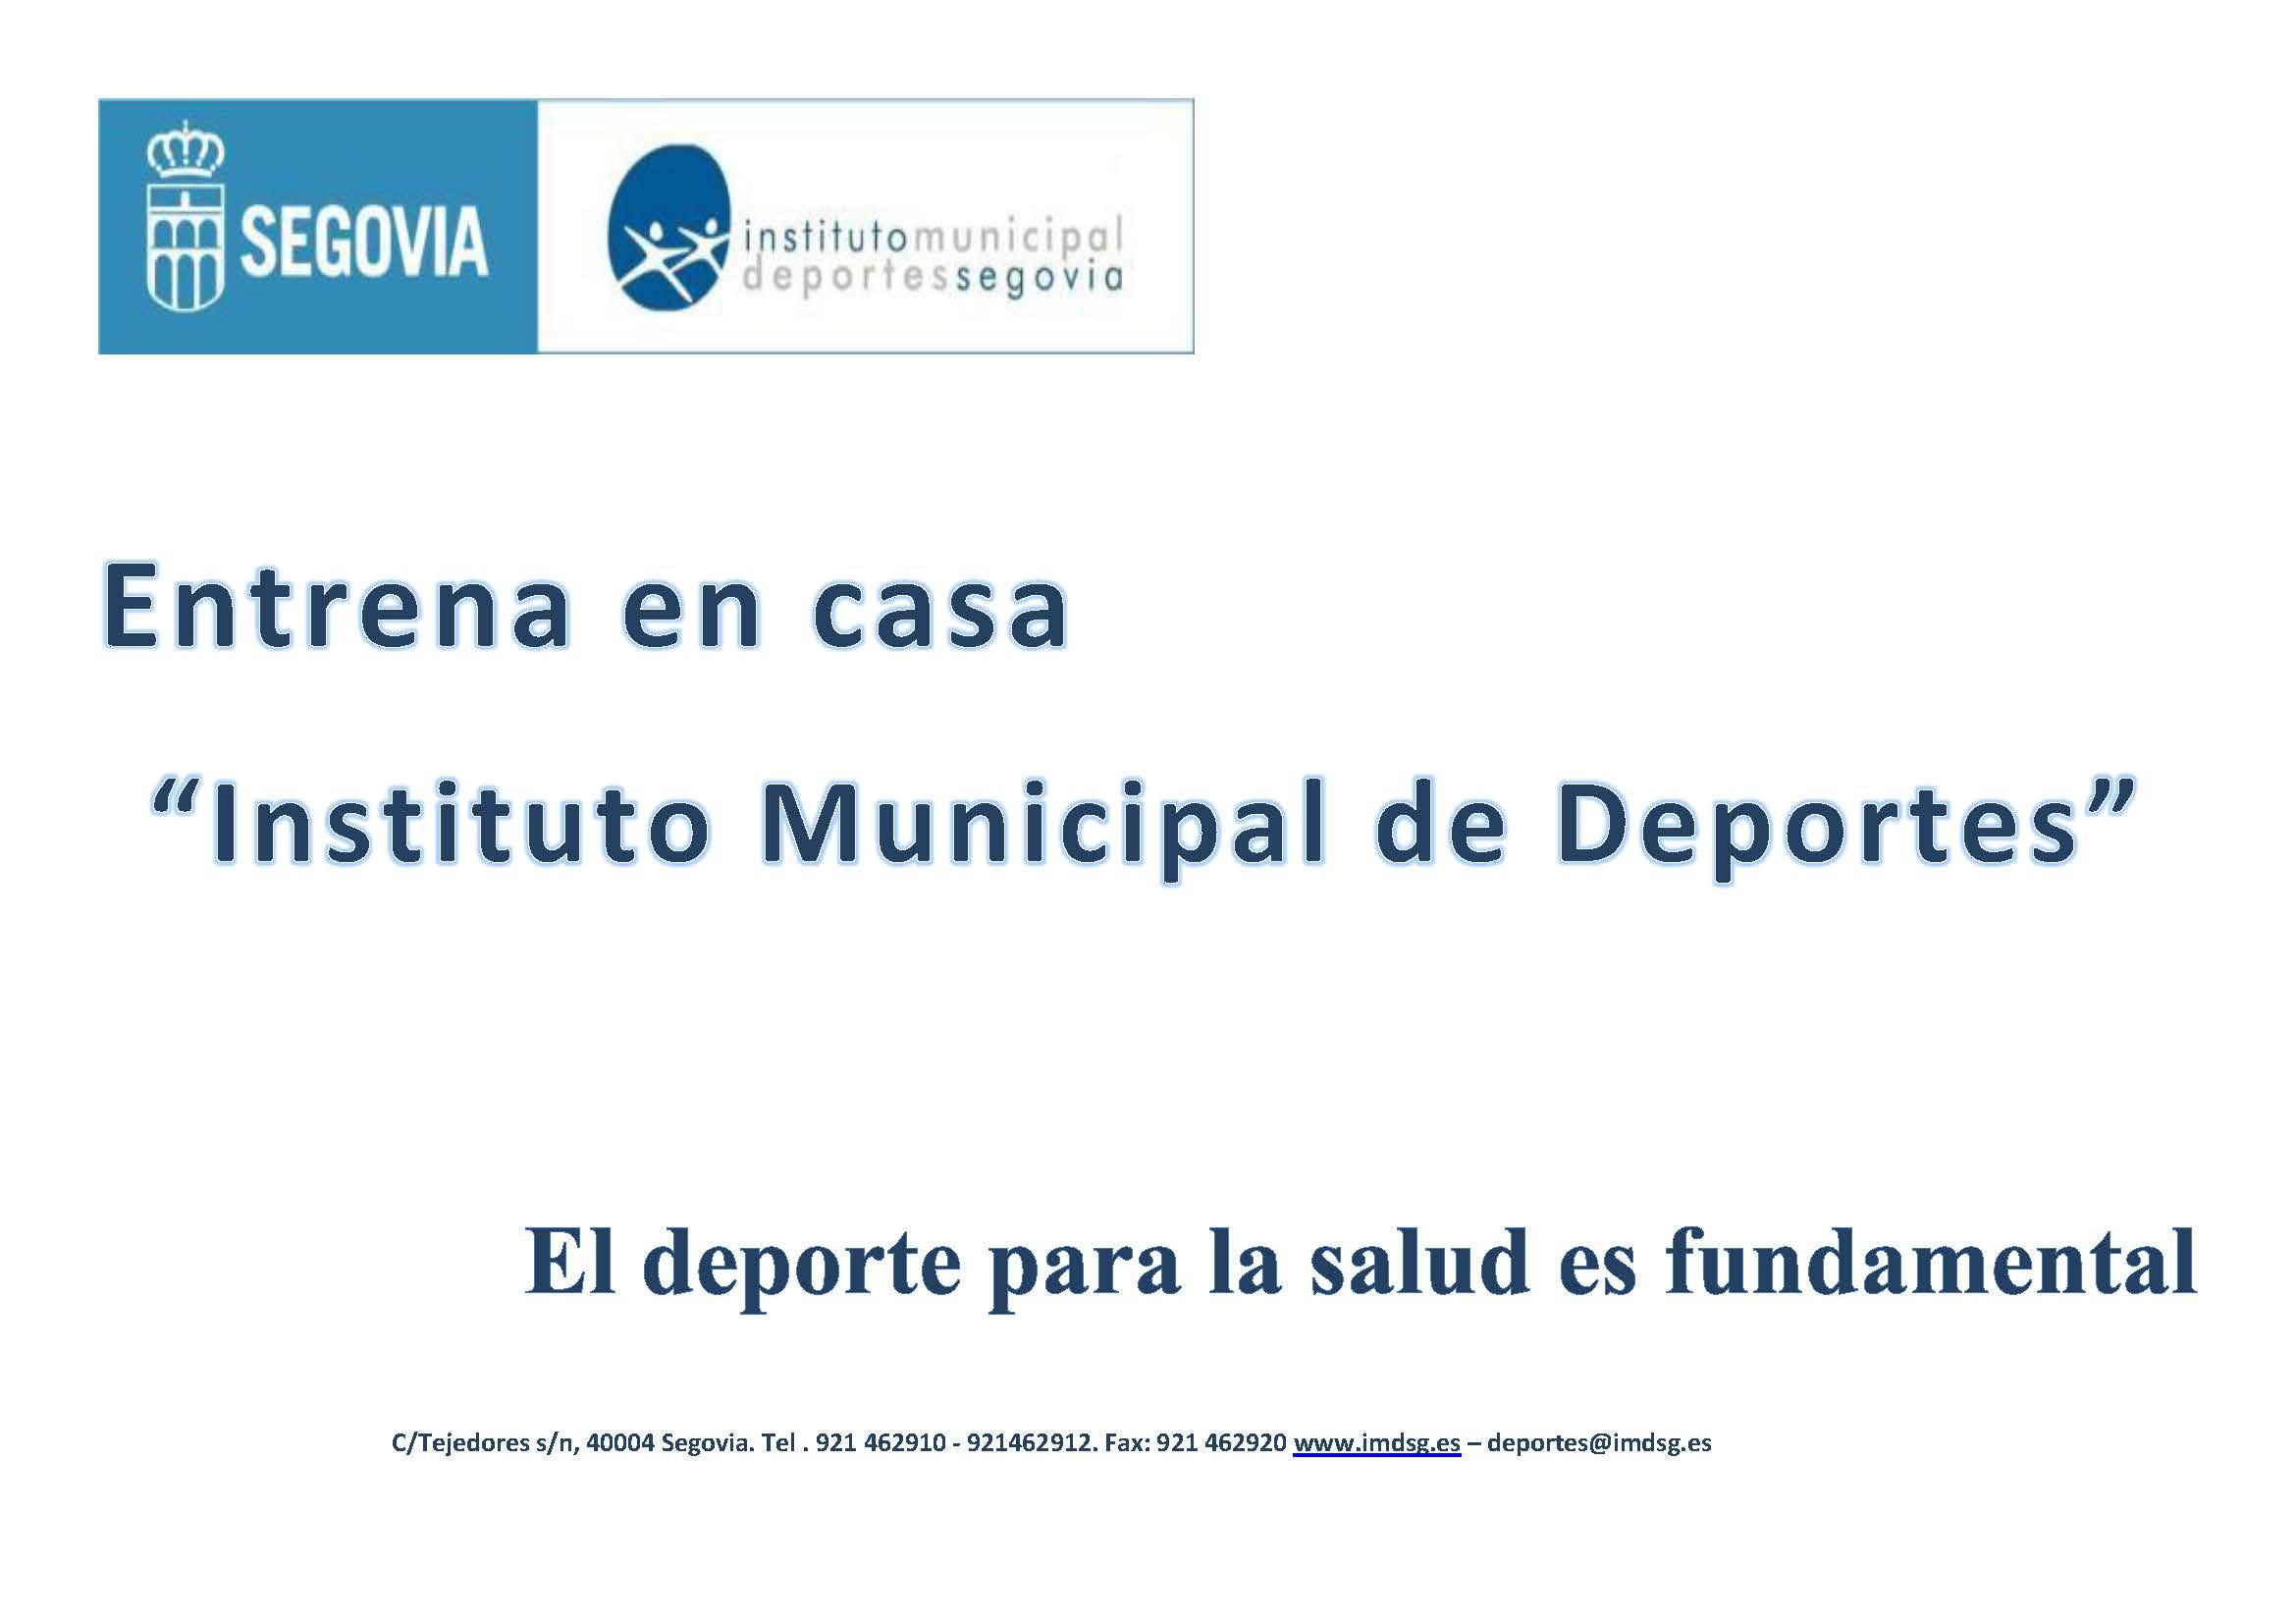 Entrena en casa con el Instituto Municipal de Deportes (11)